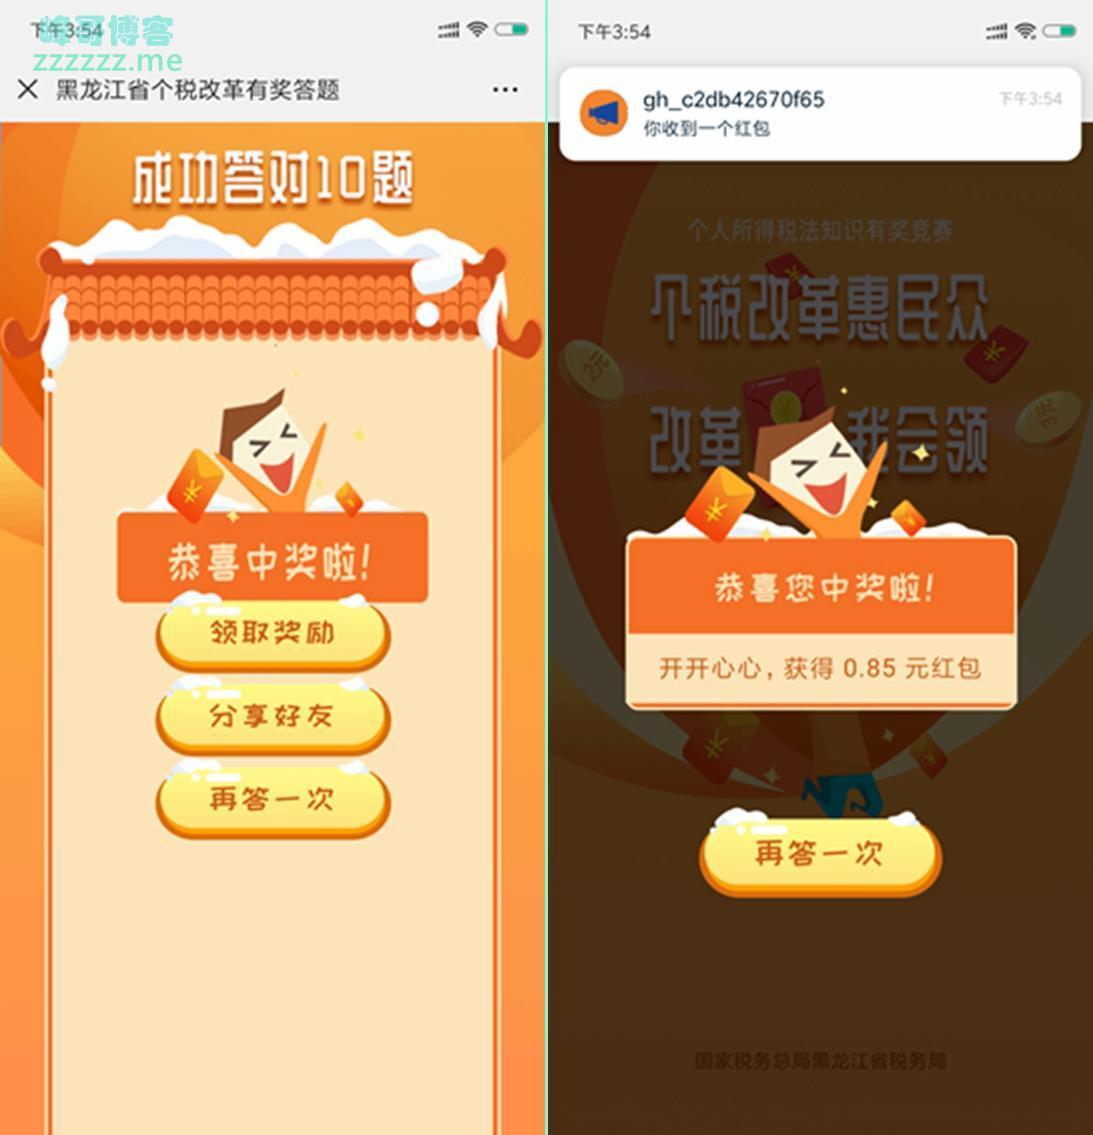 微信黑龙江税务简单答题秒推红包百分百中!